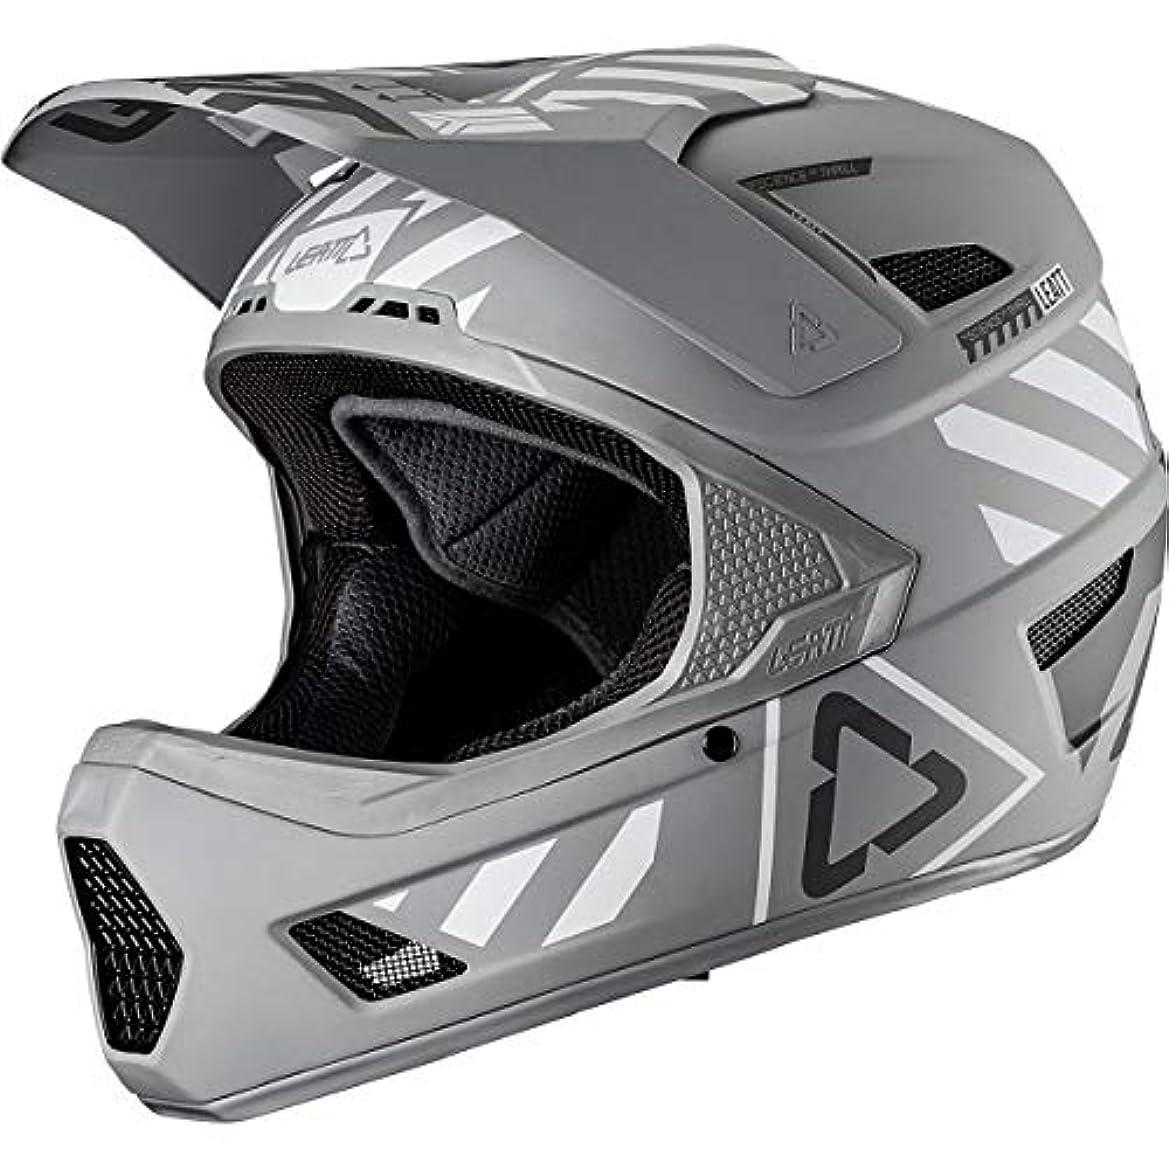 時折どっちでも臨検Leatt DBX 4.0 V19.3アダルトオフロードBMXサイクリングヘルメット - スチール/ラージ